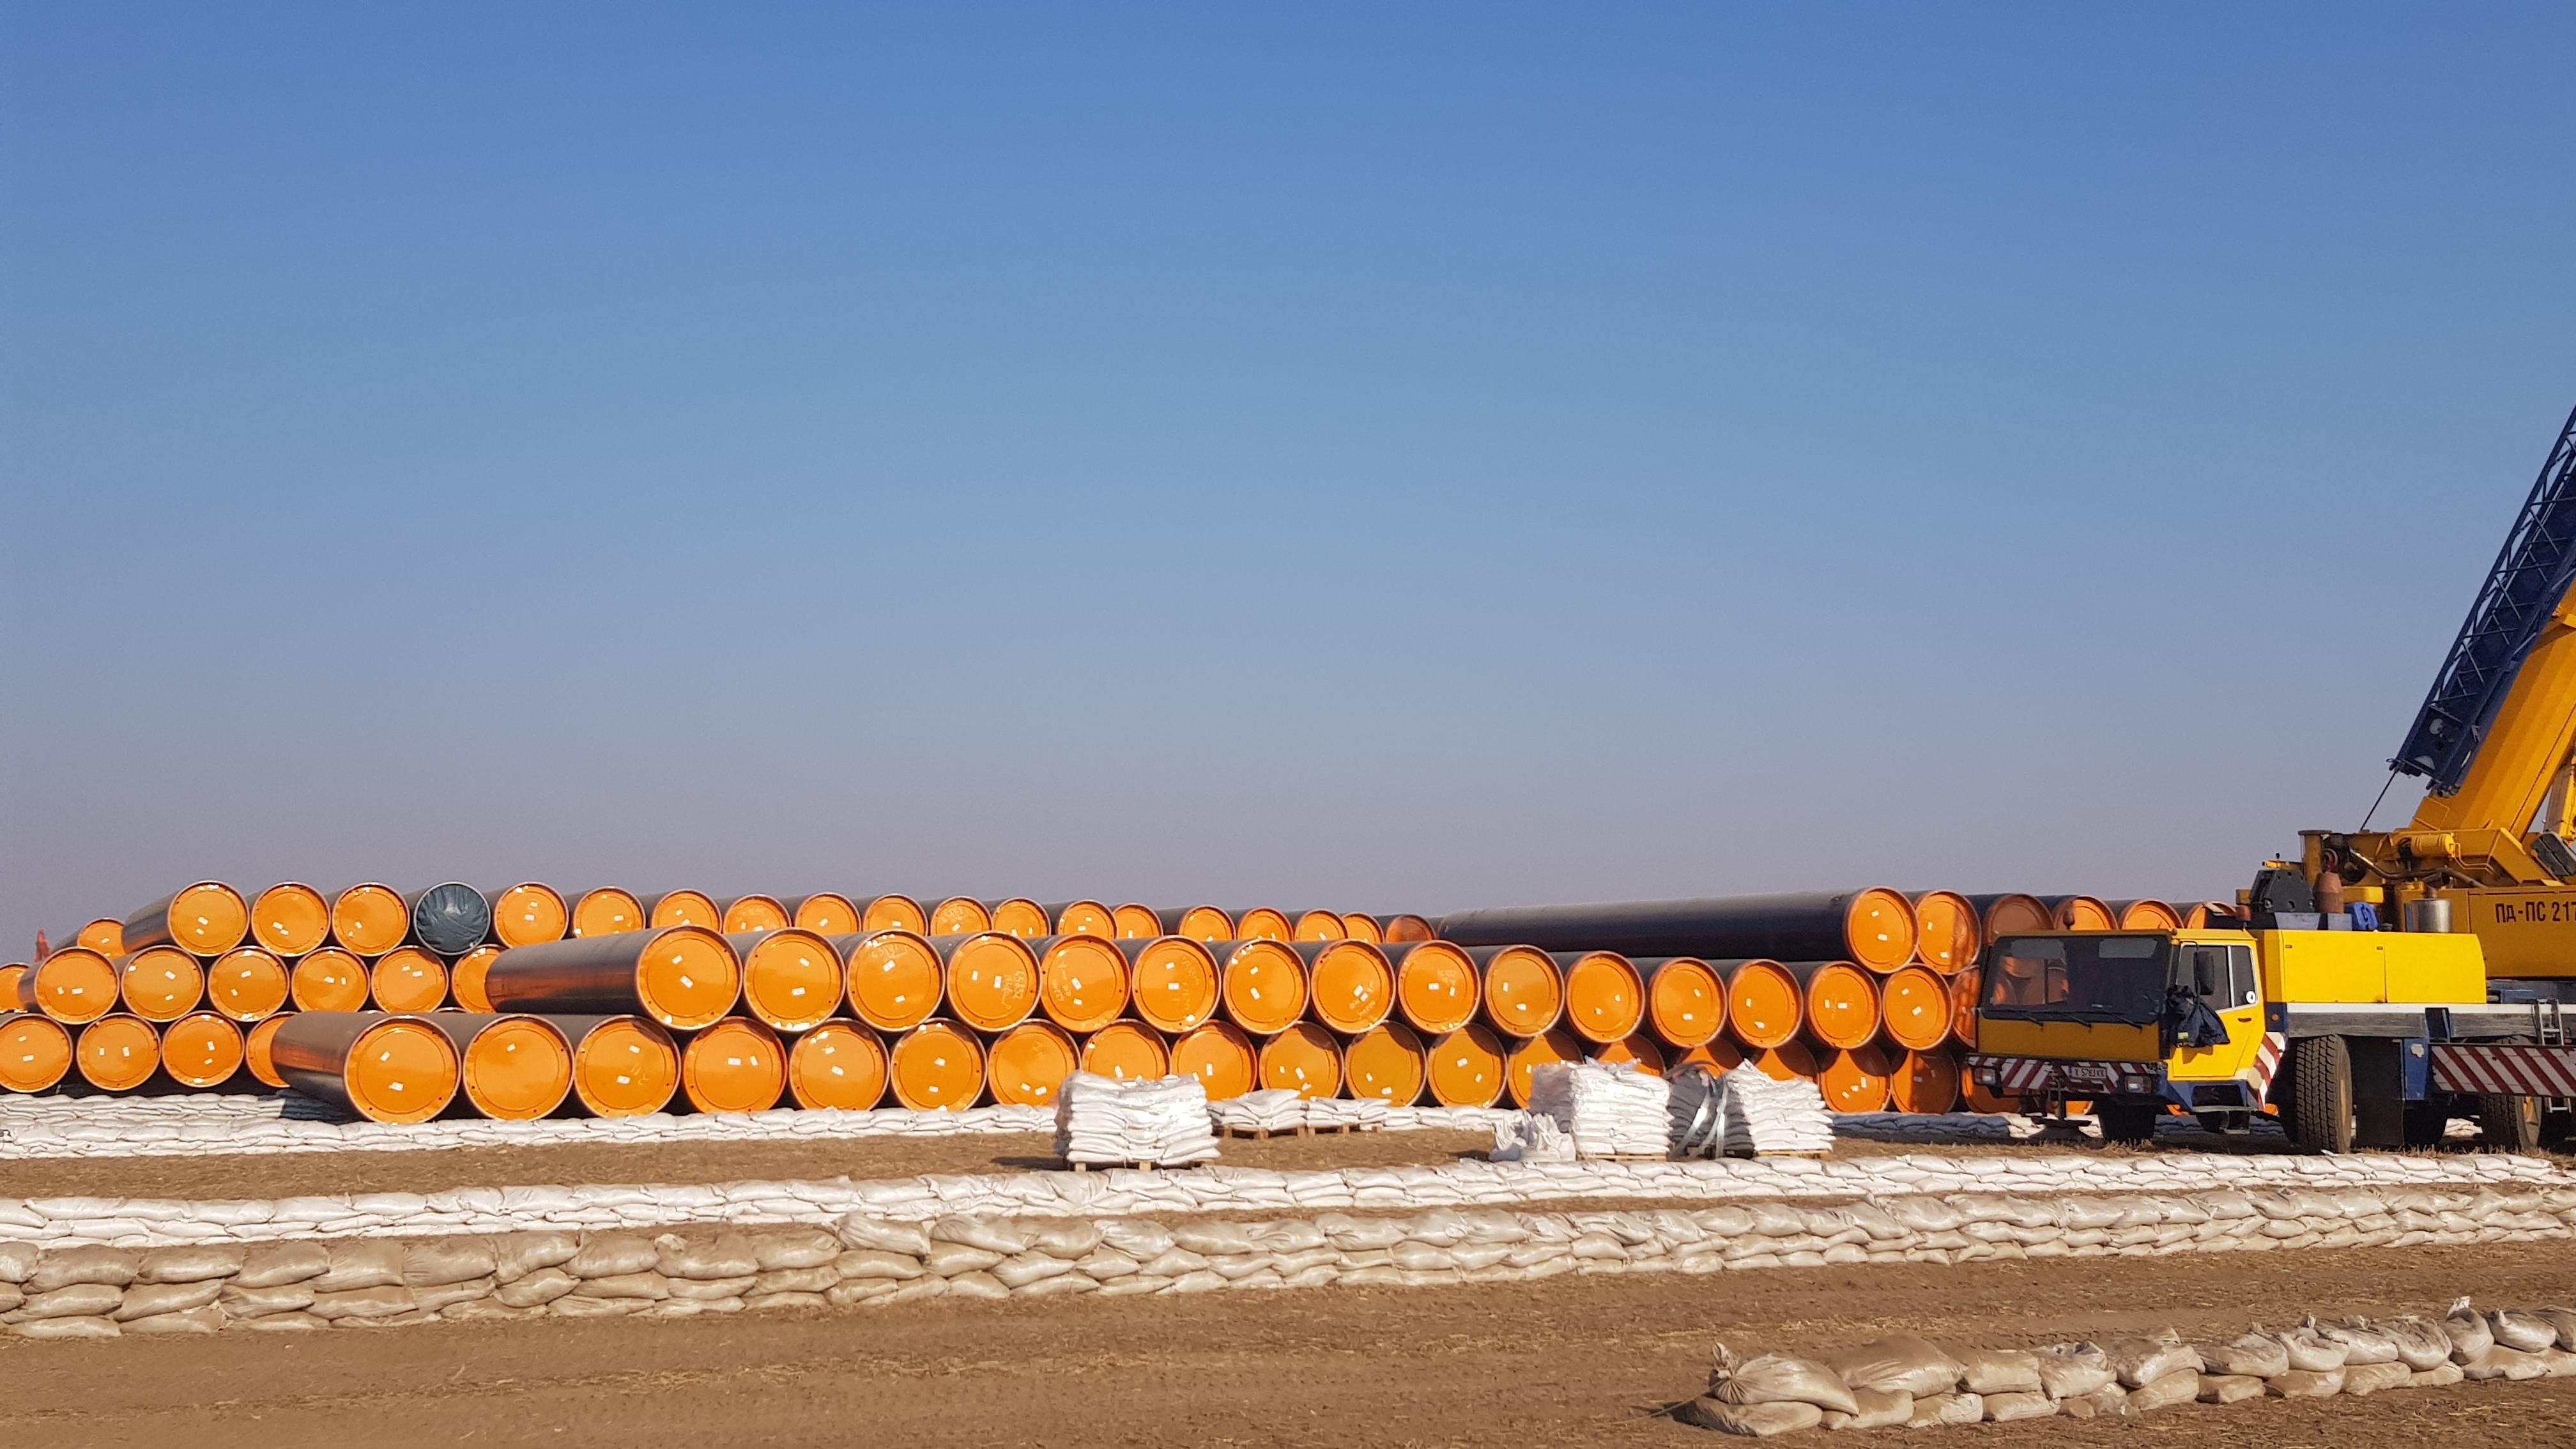 """Трасето включва газоизмервателна станция """"Странджа"""" и 11 км. новоизграден преносен газопровод. Участие в откриването взеха министър-председателят Бойко Борисов, министърът на енергетиката Теменужка Петкова, народни представители, областни управители, кметове и други."""